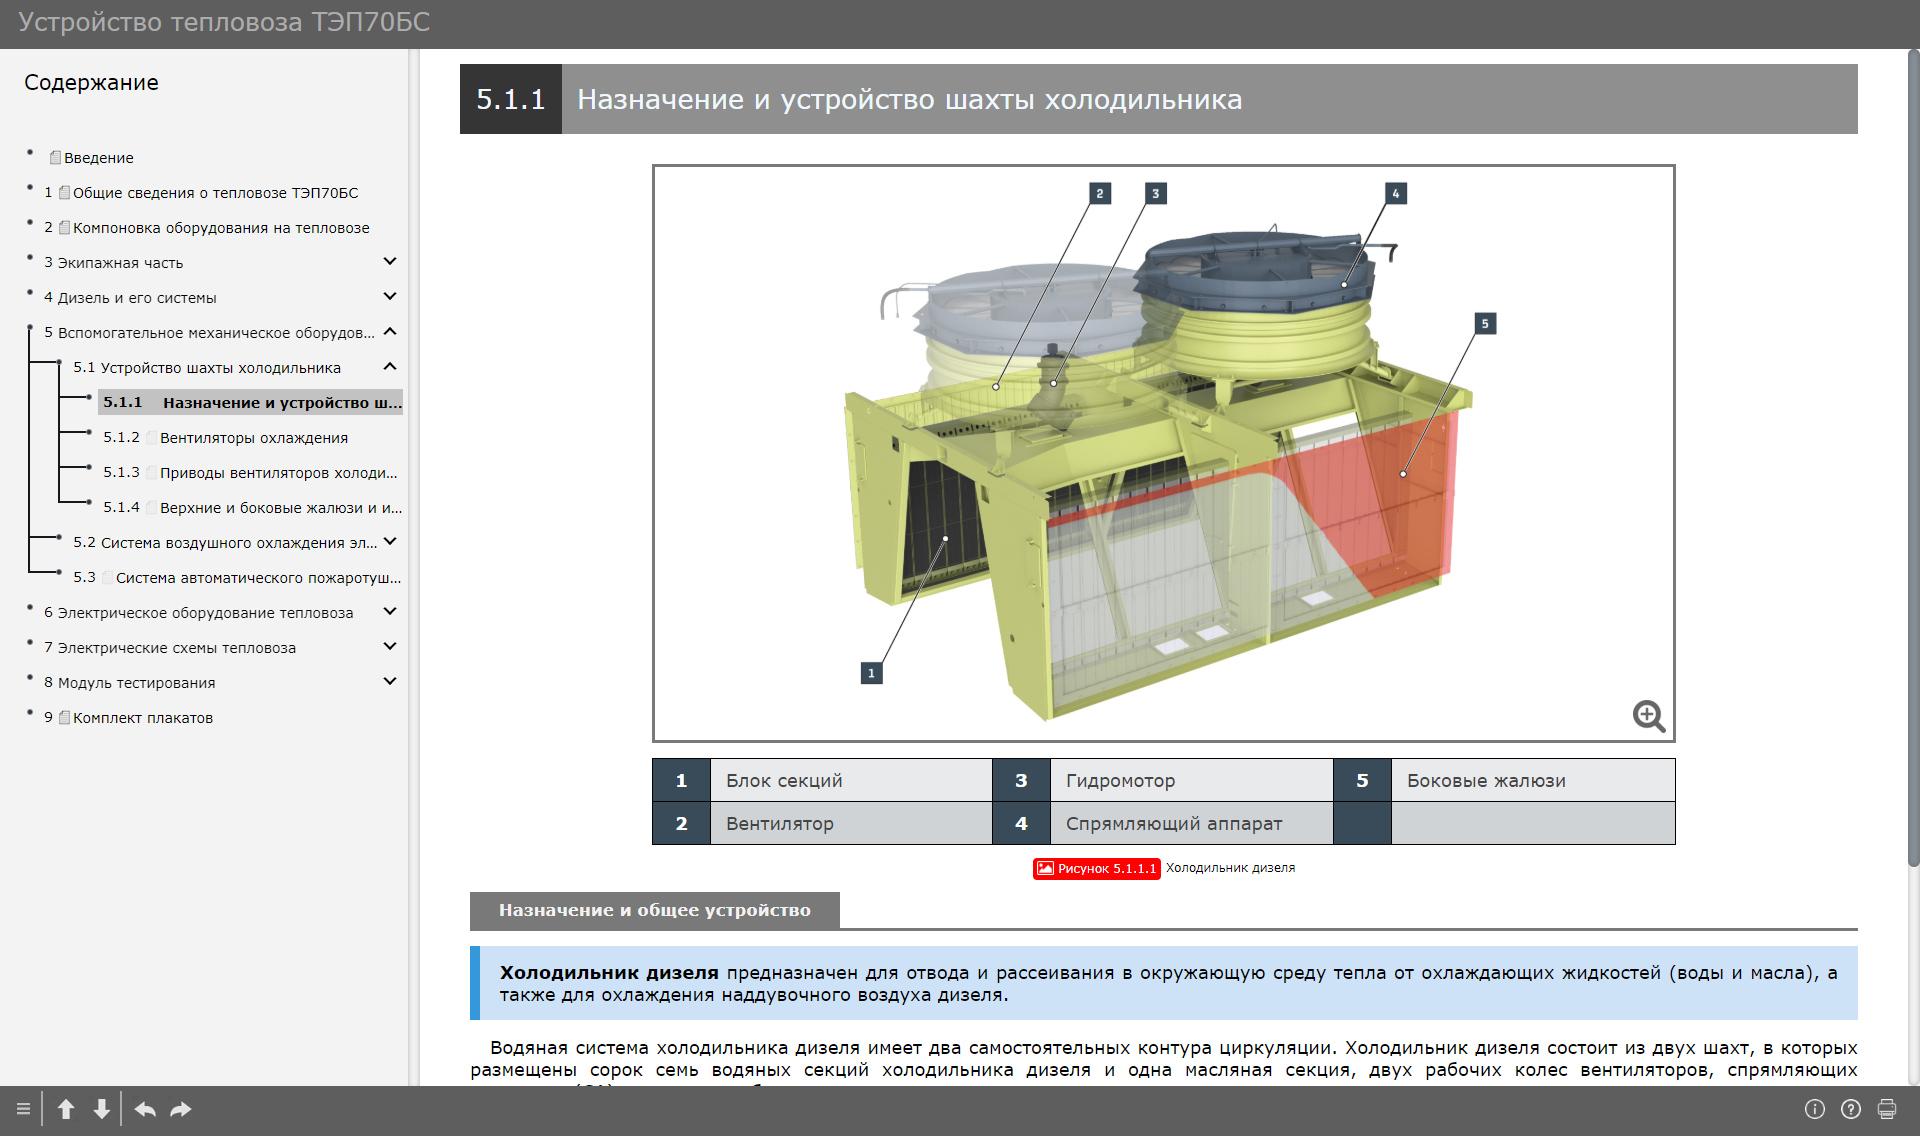 tep70bs 011 Электронный учебный комплекс «Устройство тепловоза ТЭП70БС»